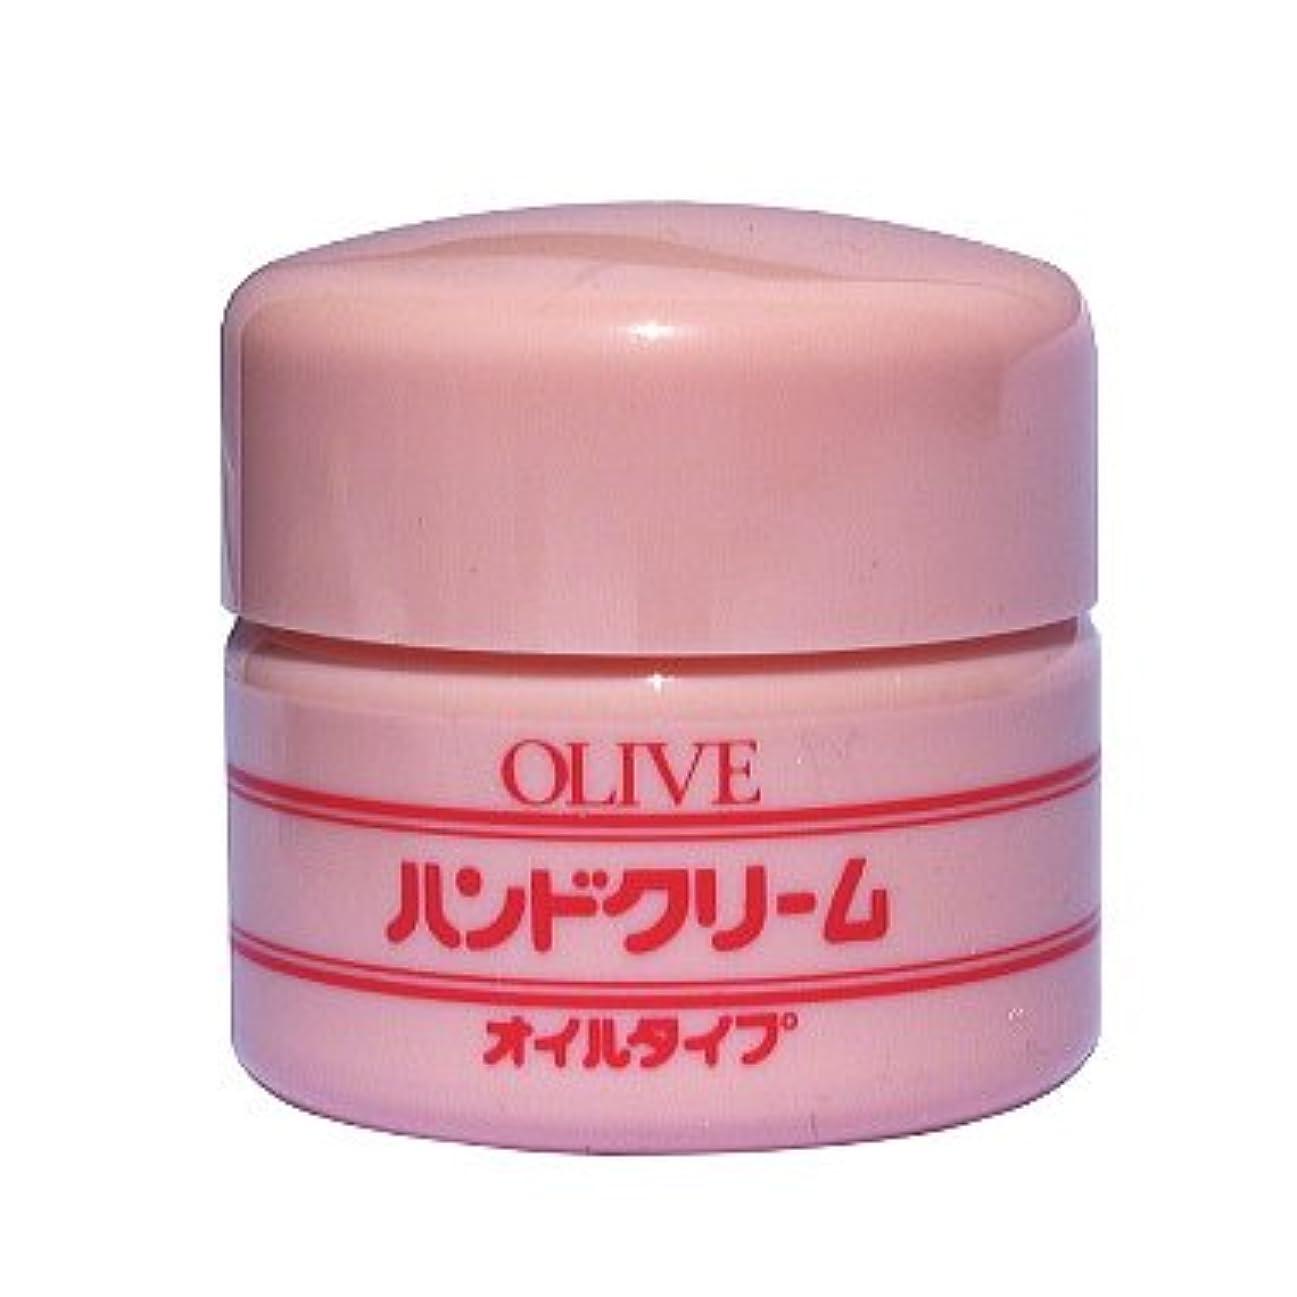 協会本当に成熟した鈴虫化粧品 オリーブハンドクリーム(オイルタイプ/容器タイプ)53g